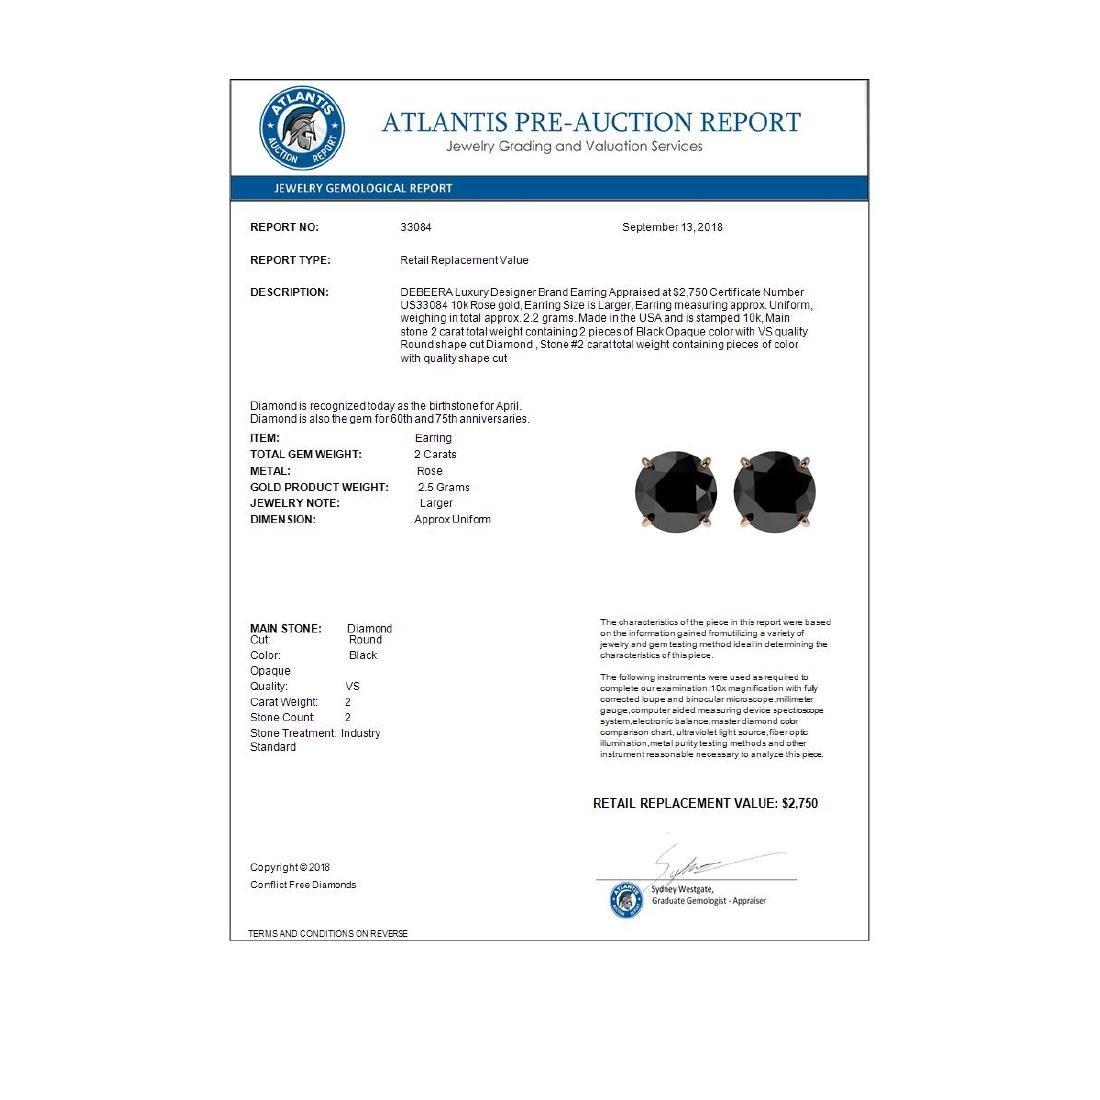 2 CTW Fancy Black VS Diamond Solitaire Stud Earrings - 4